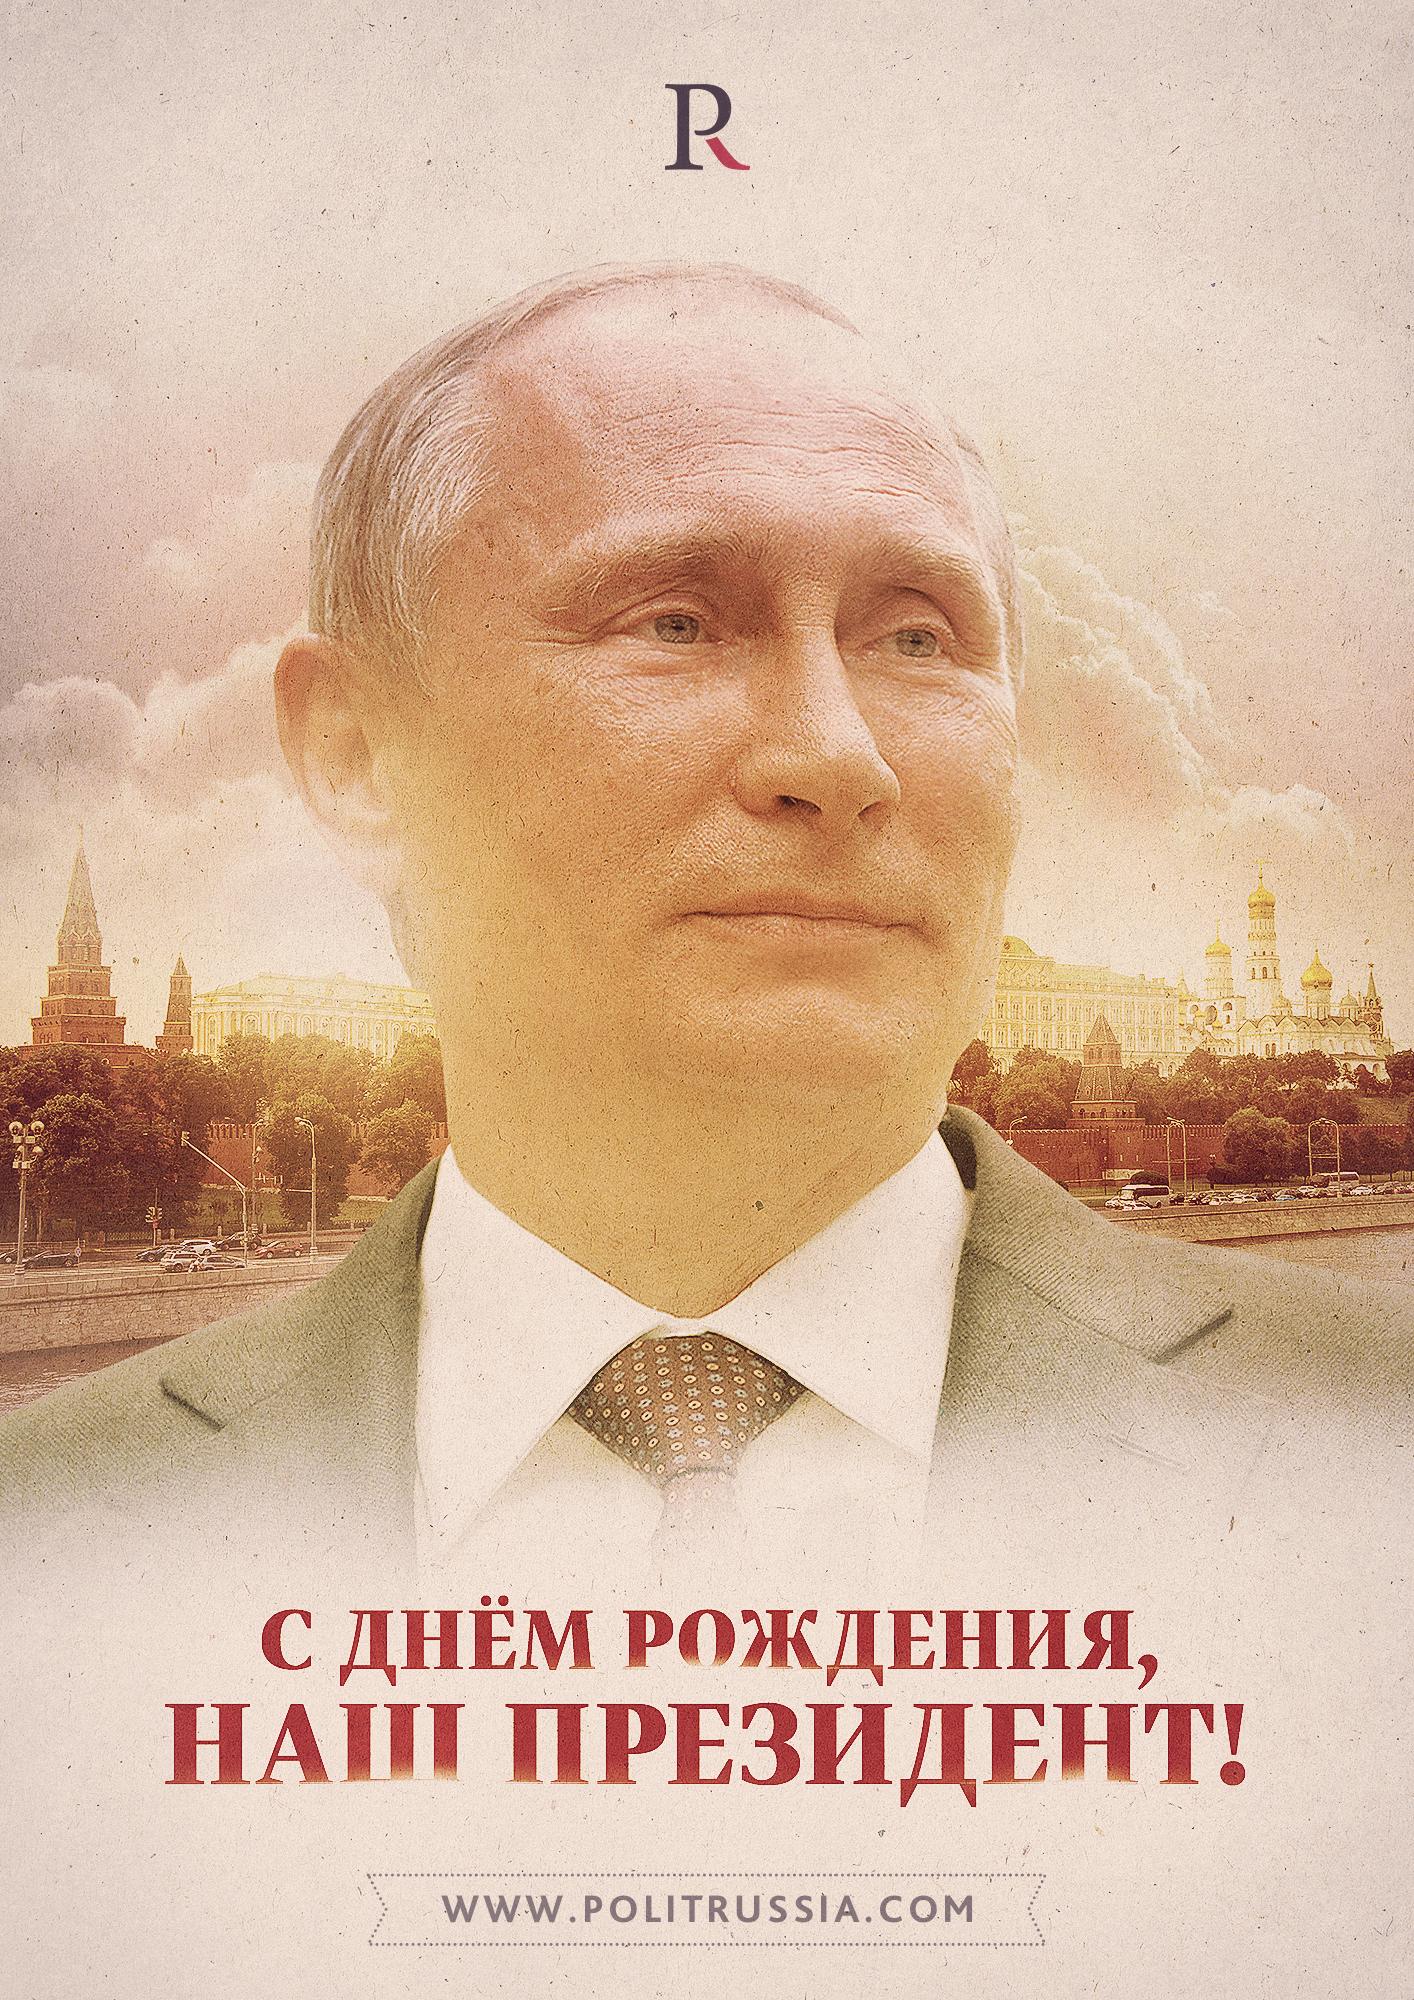 Открытка с портретом президента